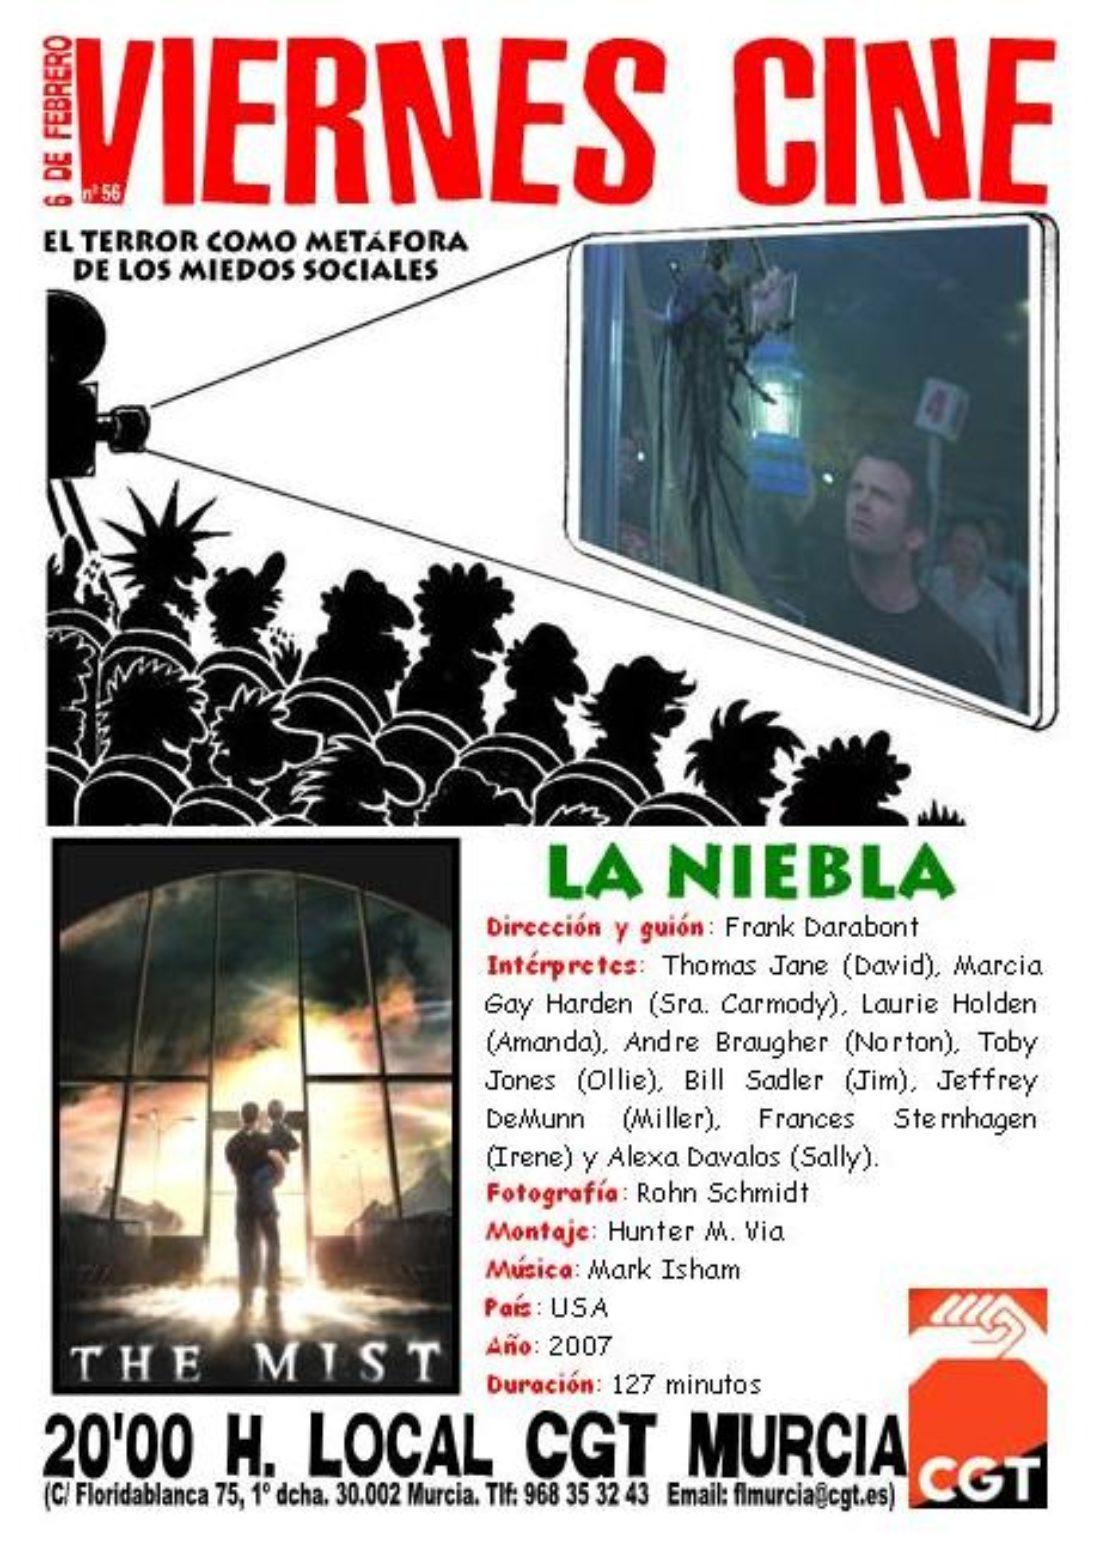 VIERNES CINE. El 6 de febrero LA NIEBLA de Frank Darabont a las 20'00 h. en el local de CGT en Murcia